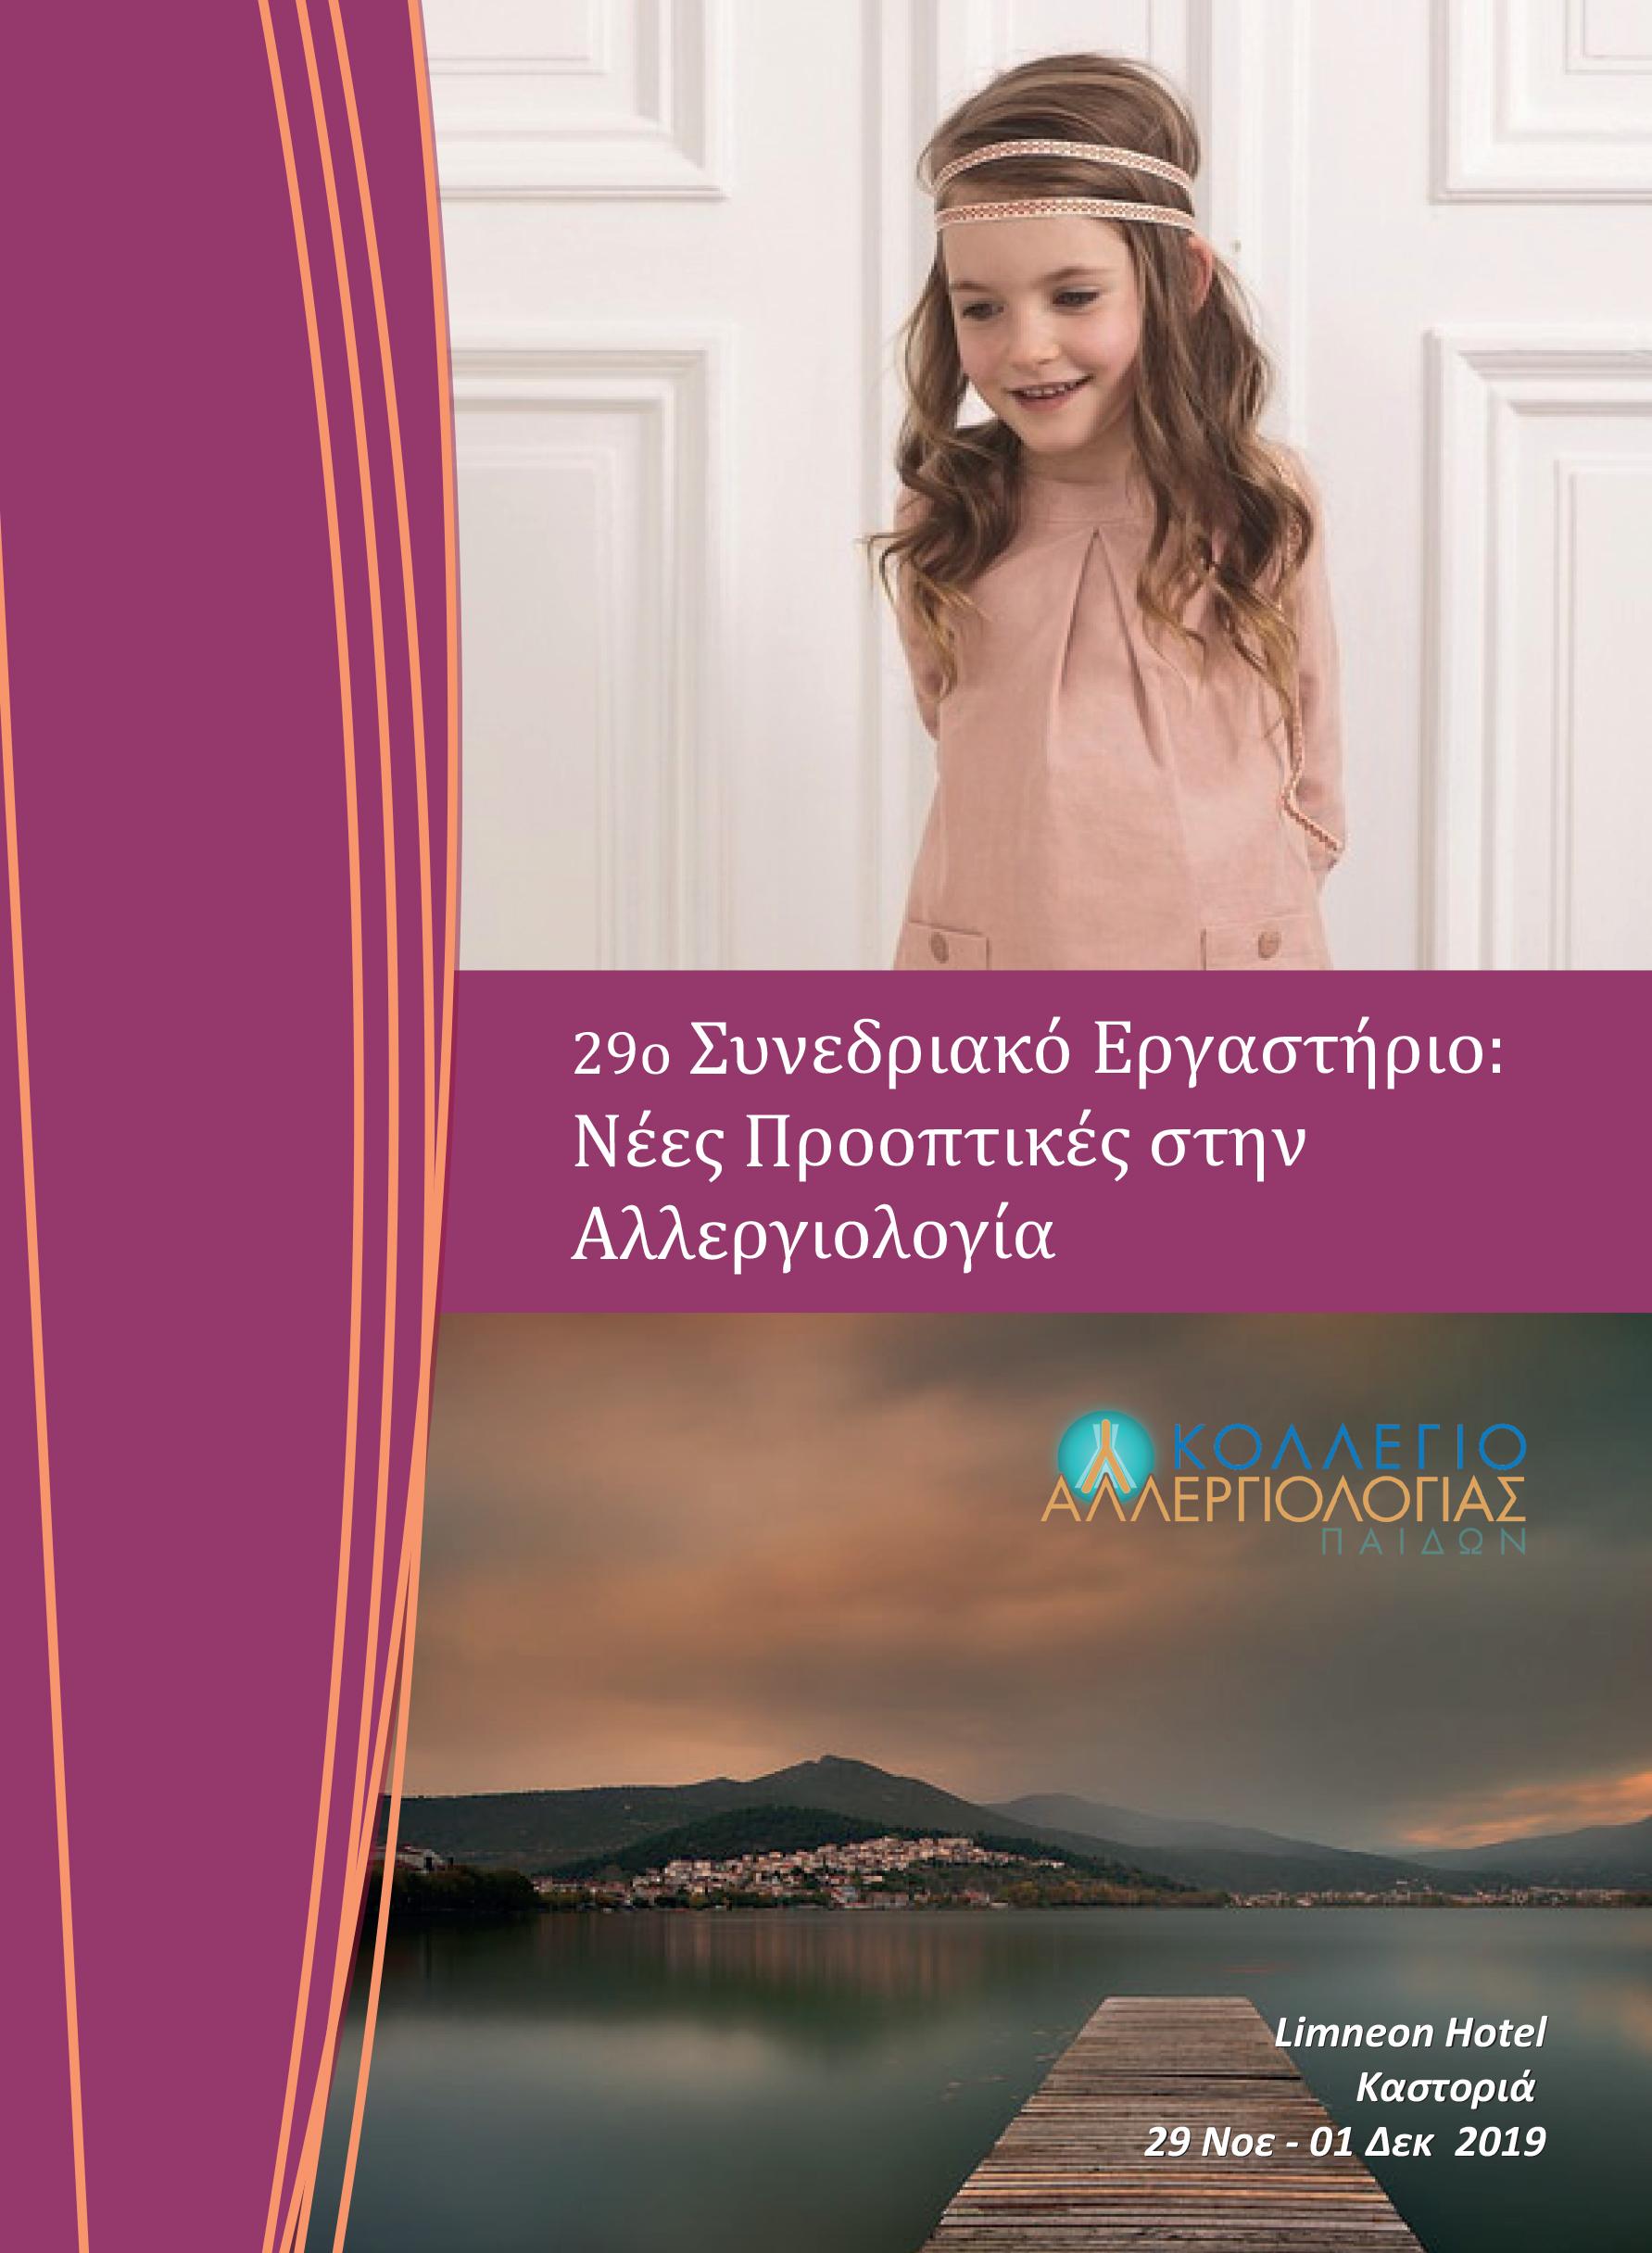 29o Συνεδριακό Εργαστήριο: Νέες Προοπτικές στην Αλλεργιολογία